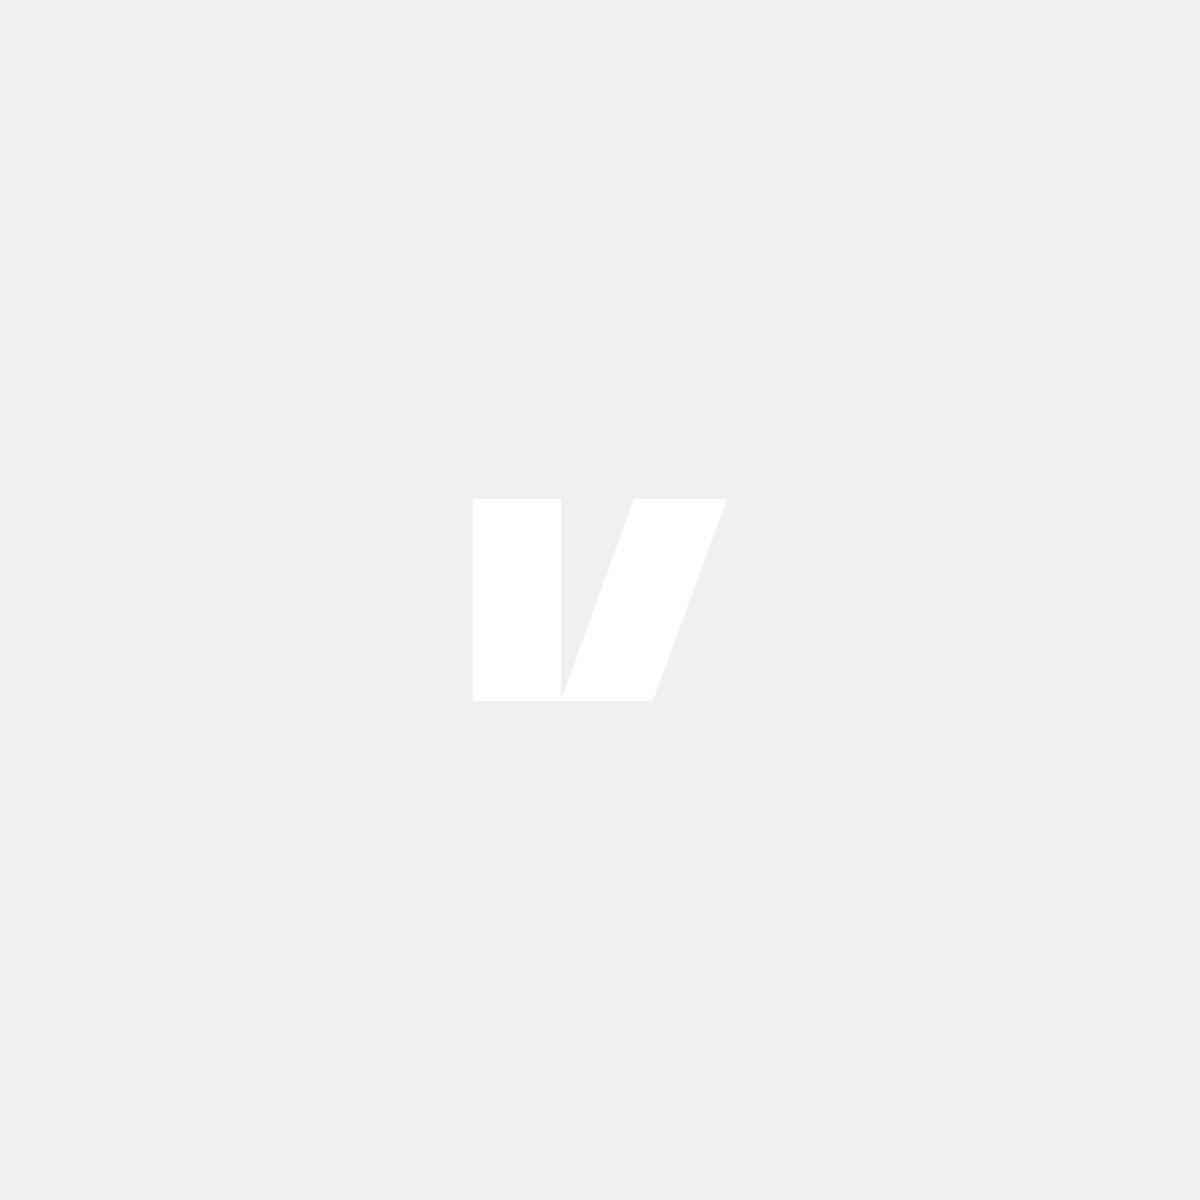 Gummimattor till Volvo XC90 03-14, soft beige